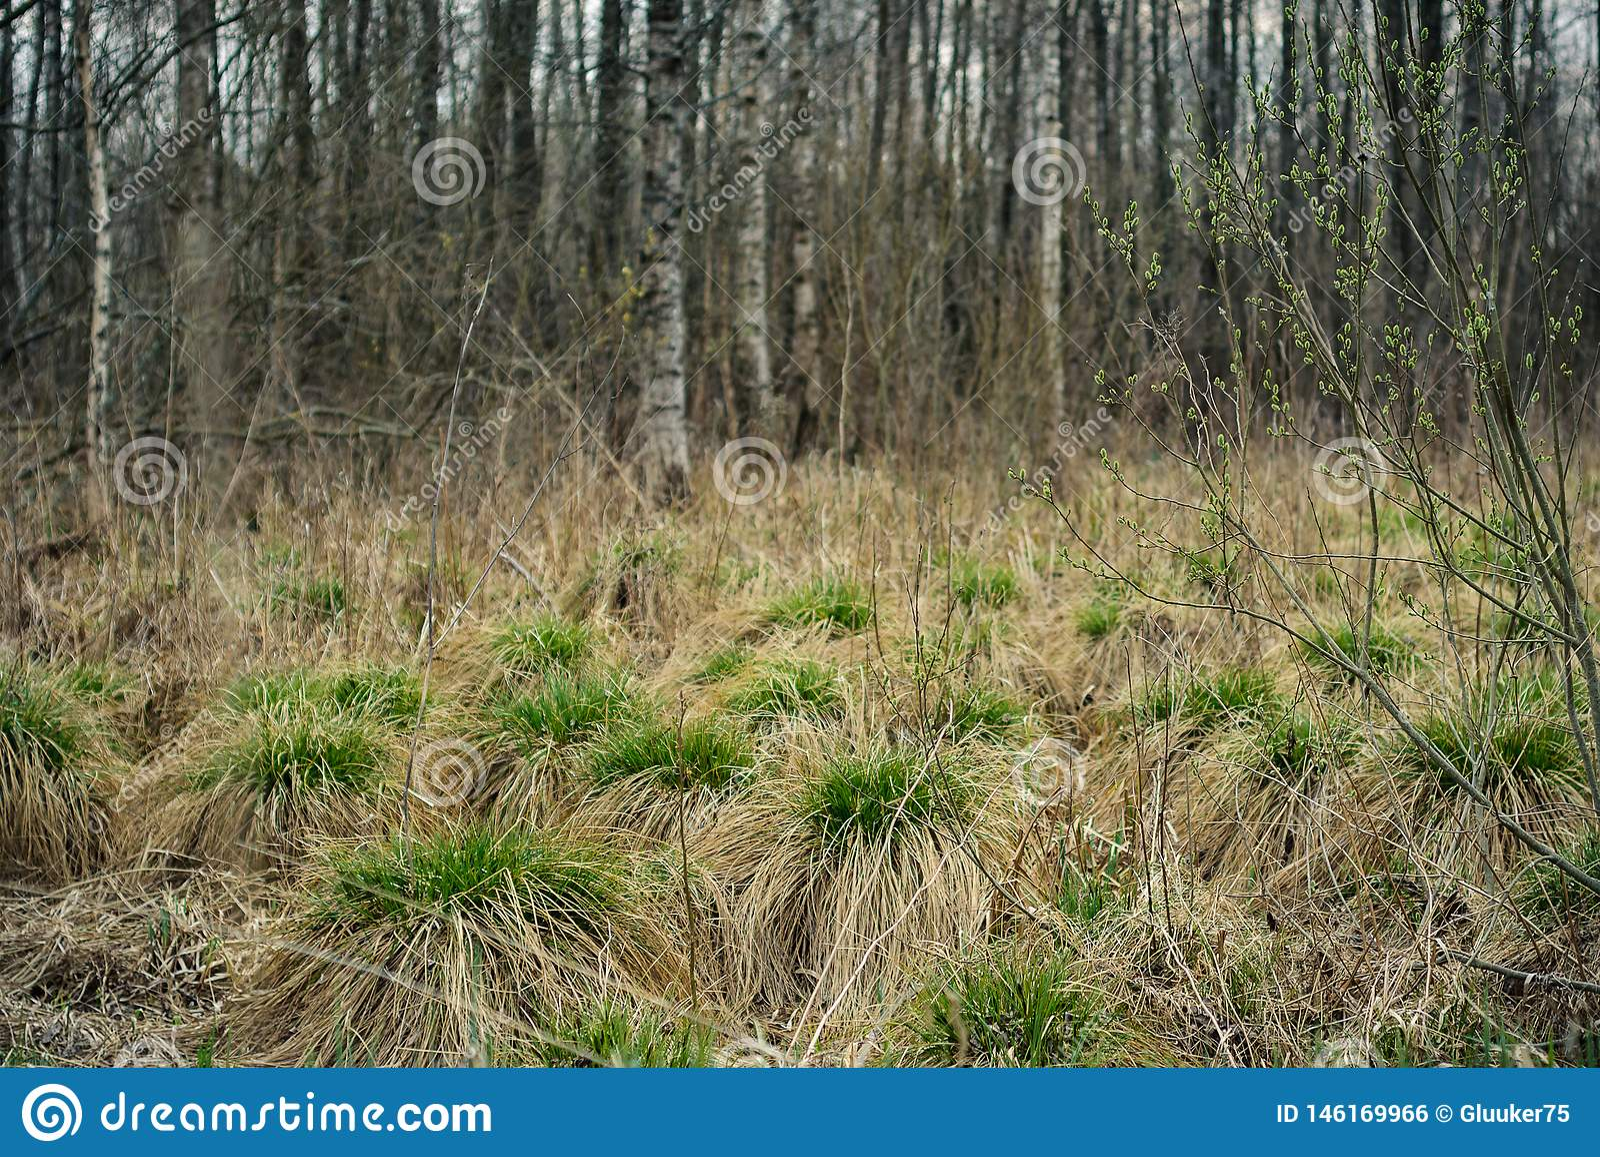 Opgedroogd de lentemoeras droge heuveltjes met kammosselen van jong groen gras tegen de achtergrond van berkbosje